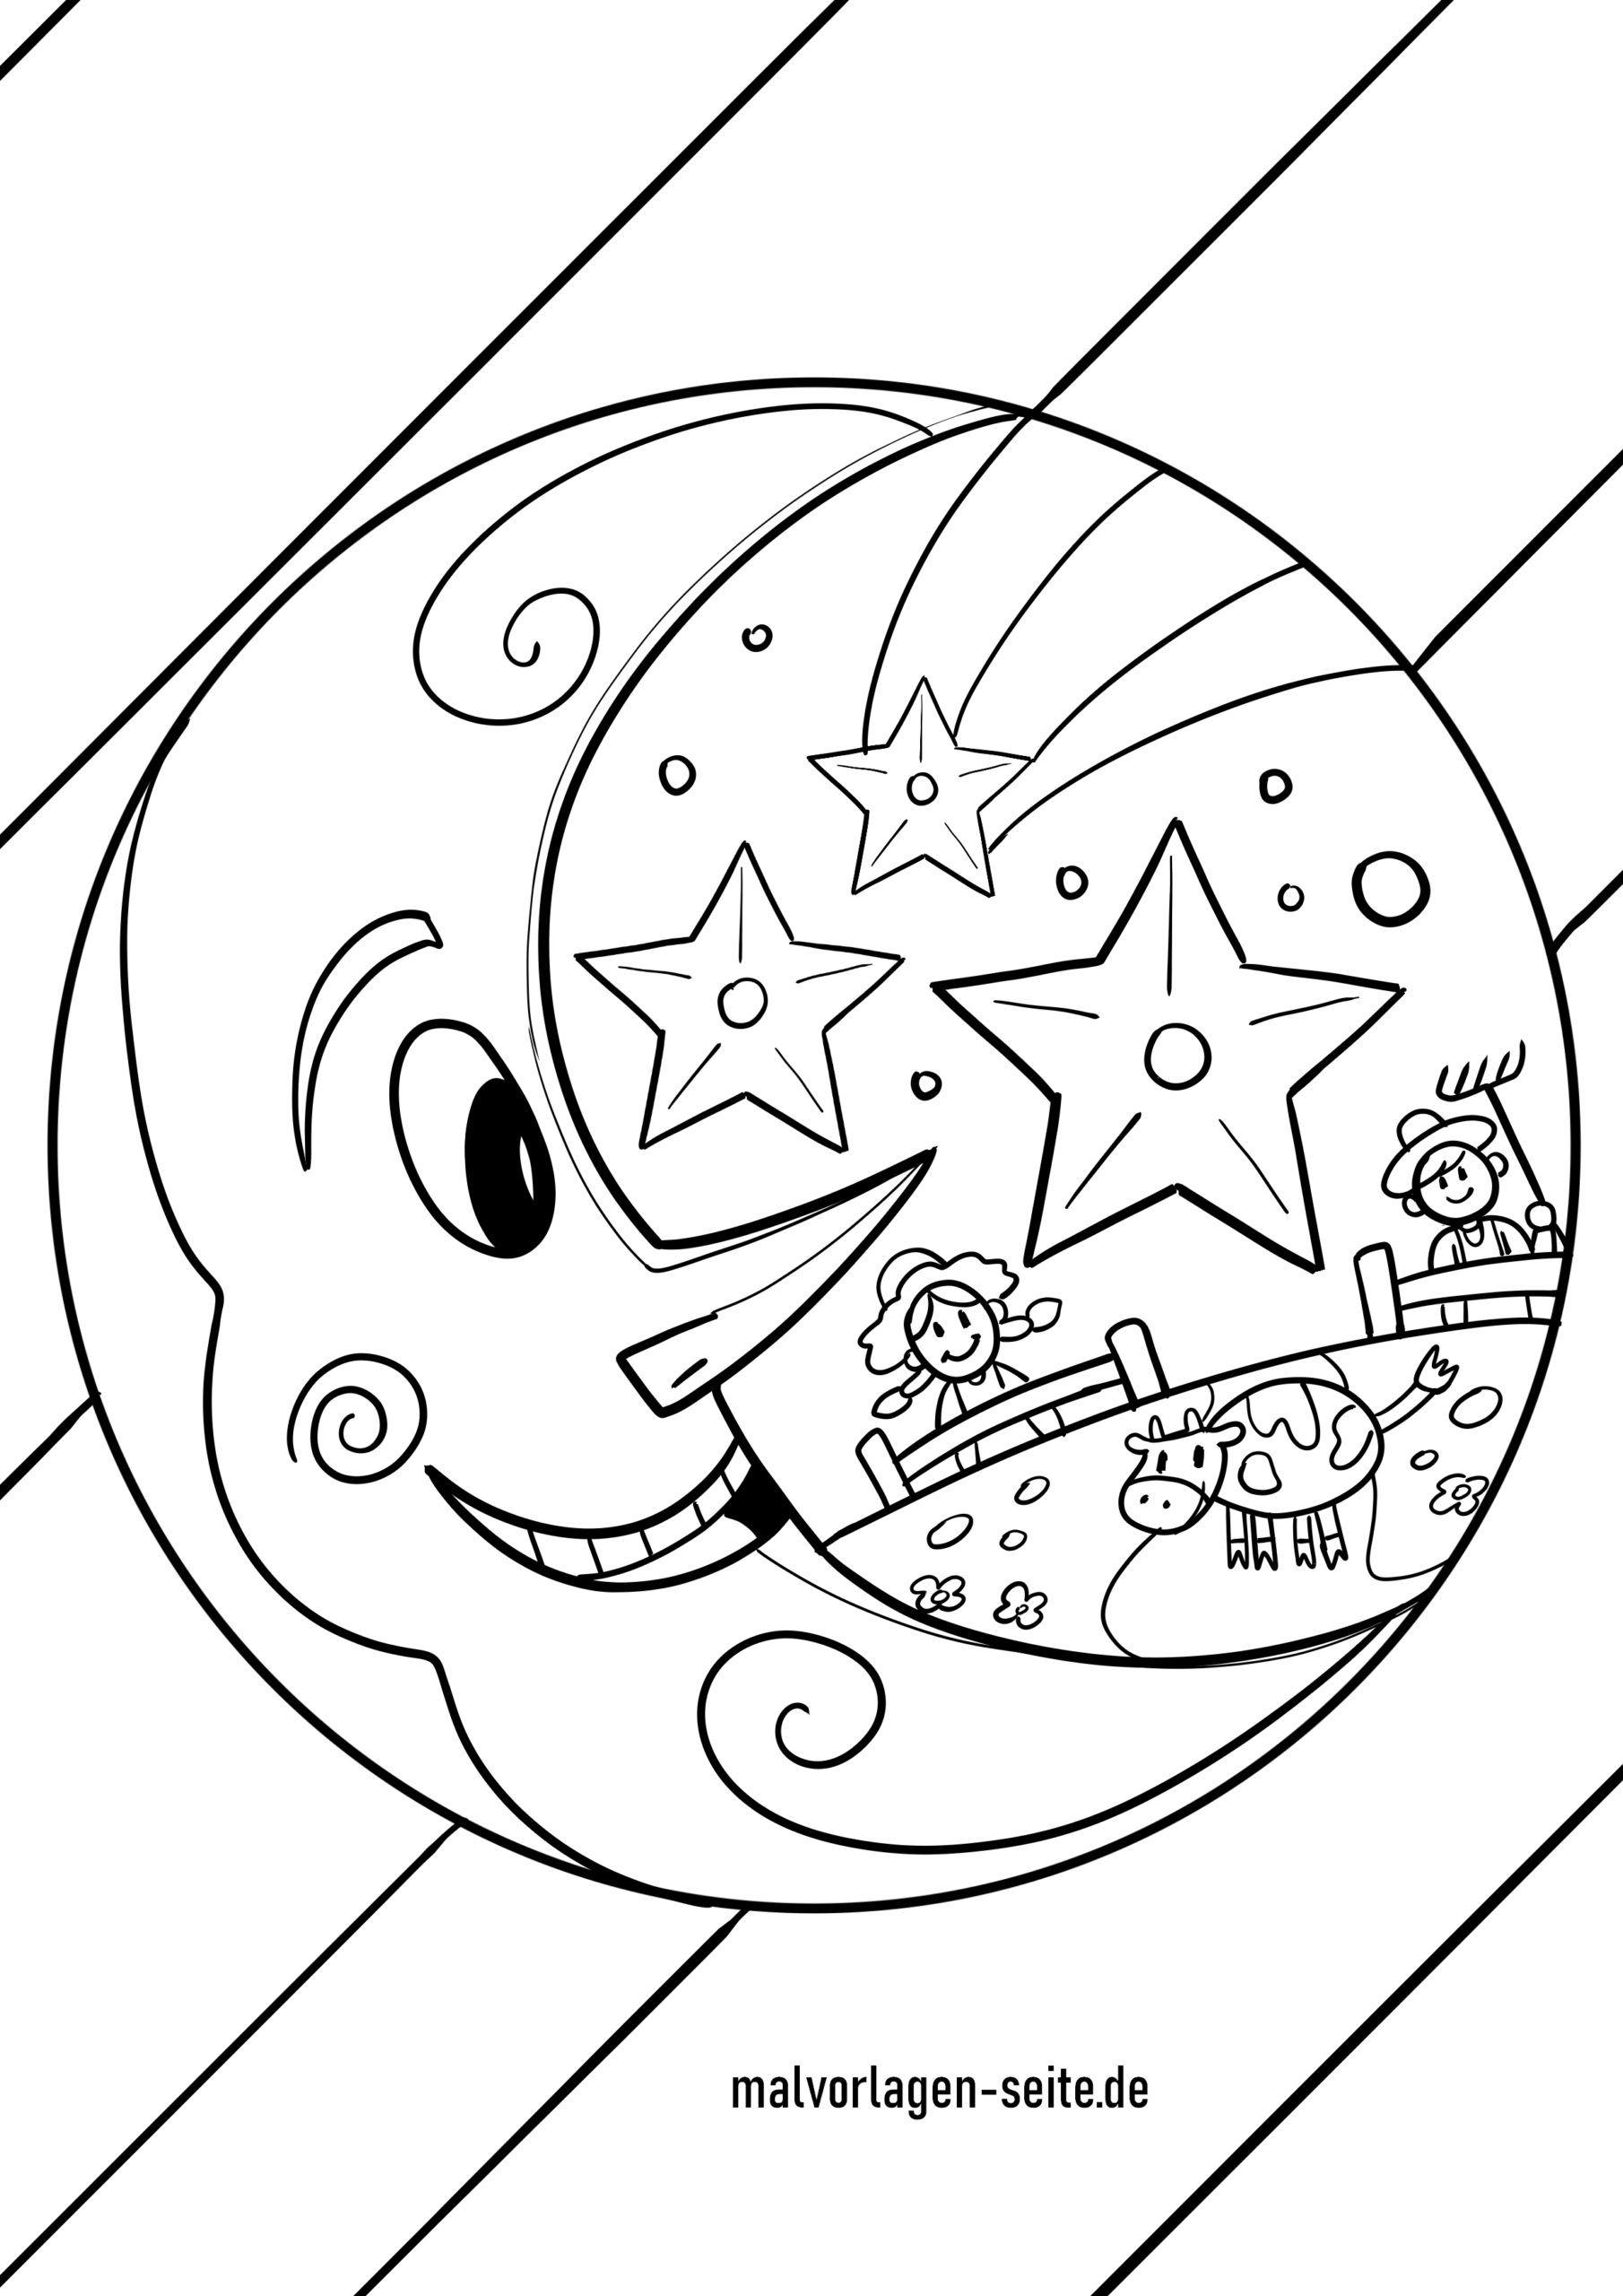 Malvorlage Mond - Kostenlose Ausmalbilder